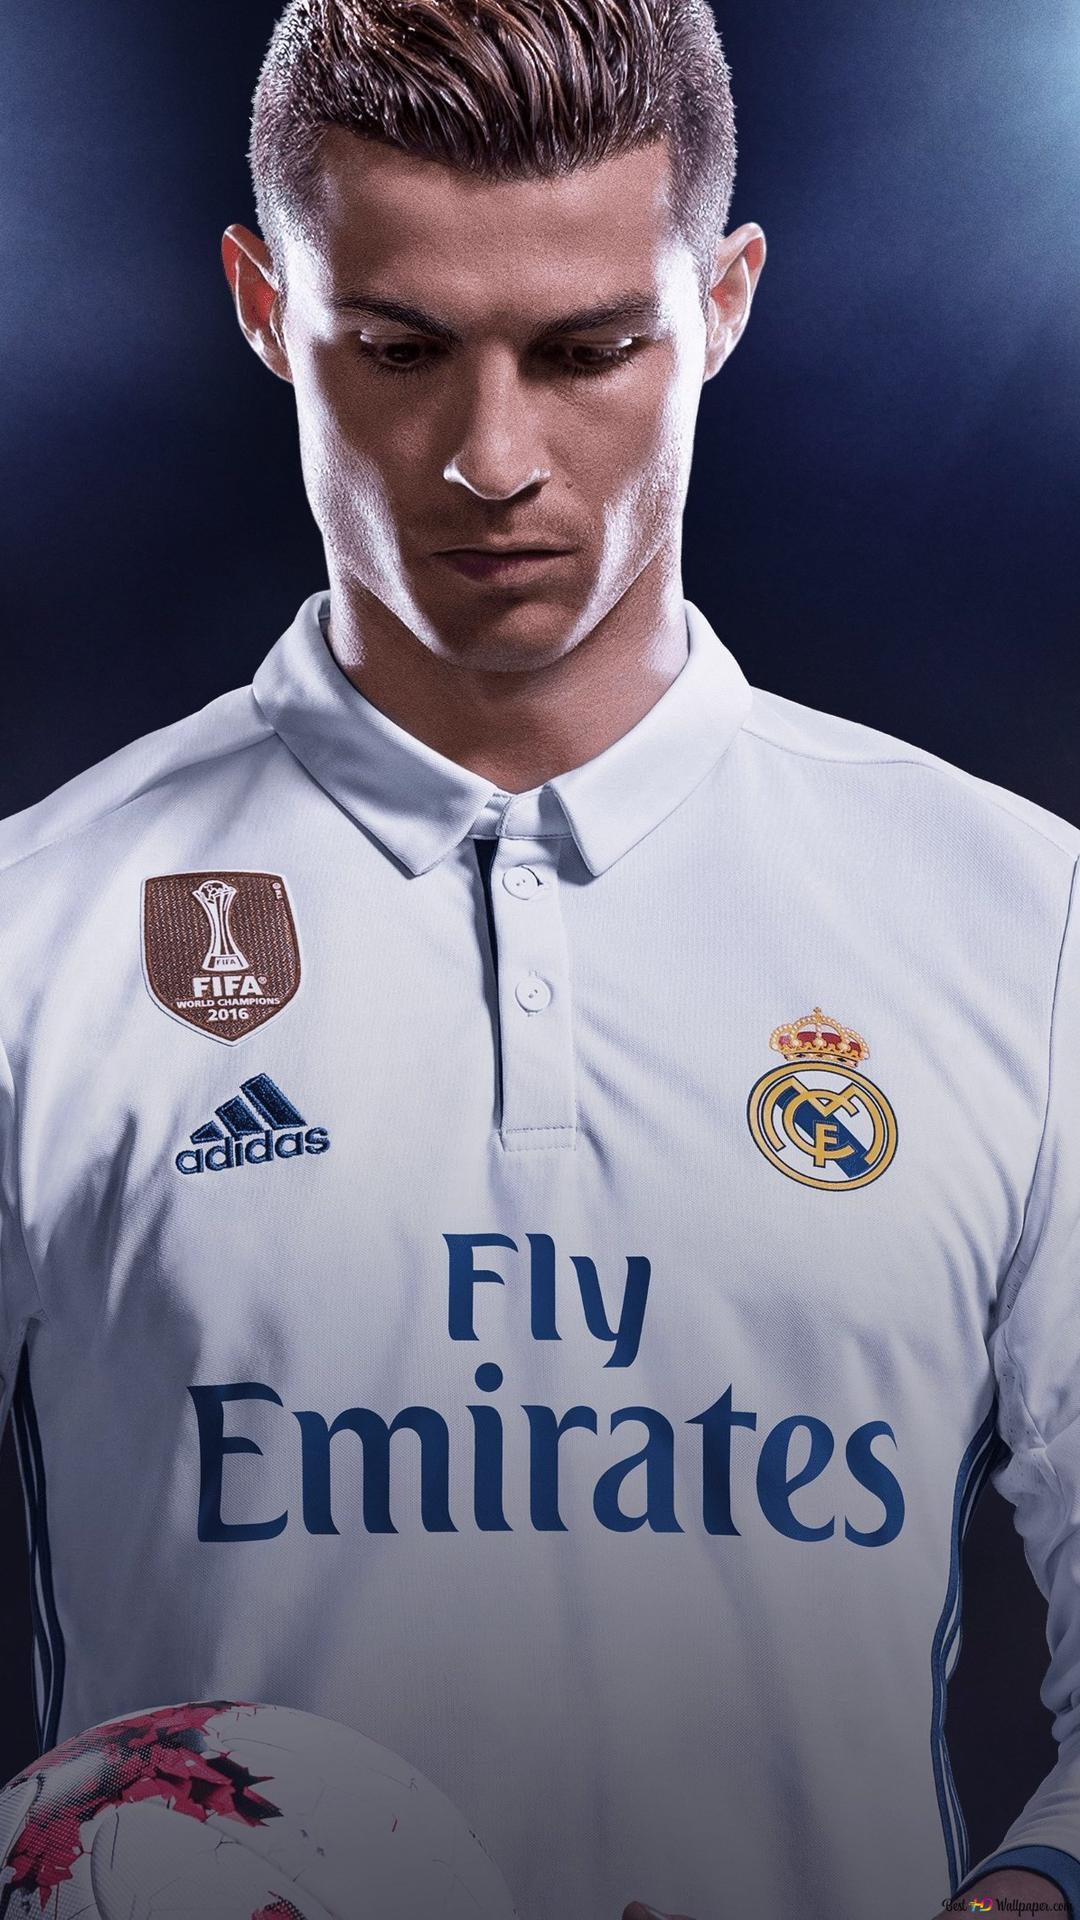 Descargar Fondo De Pantalla Fifa 18 Cristiano Ronaldo Hd